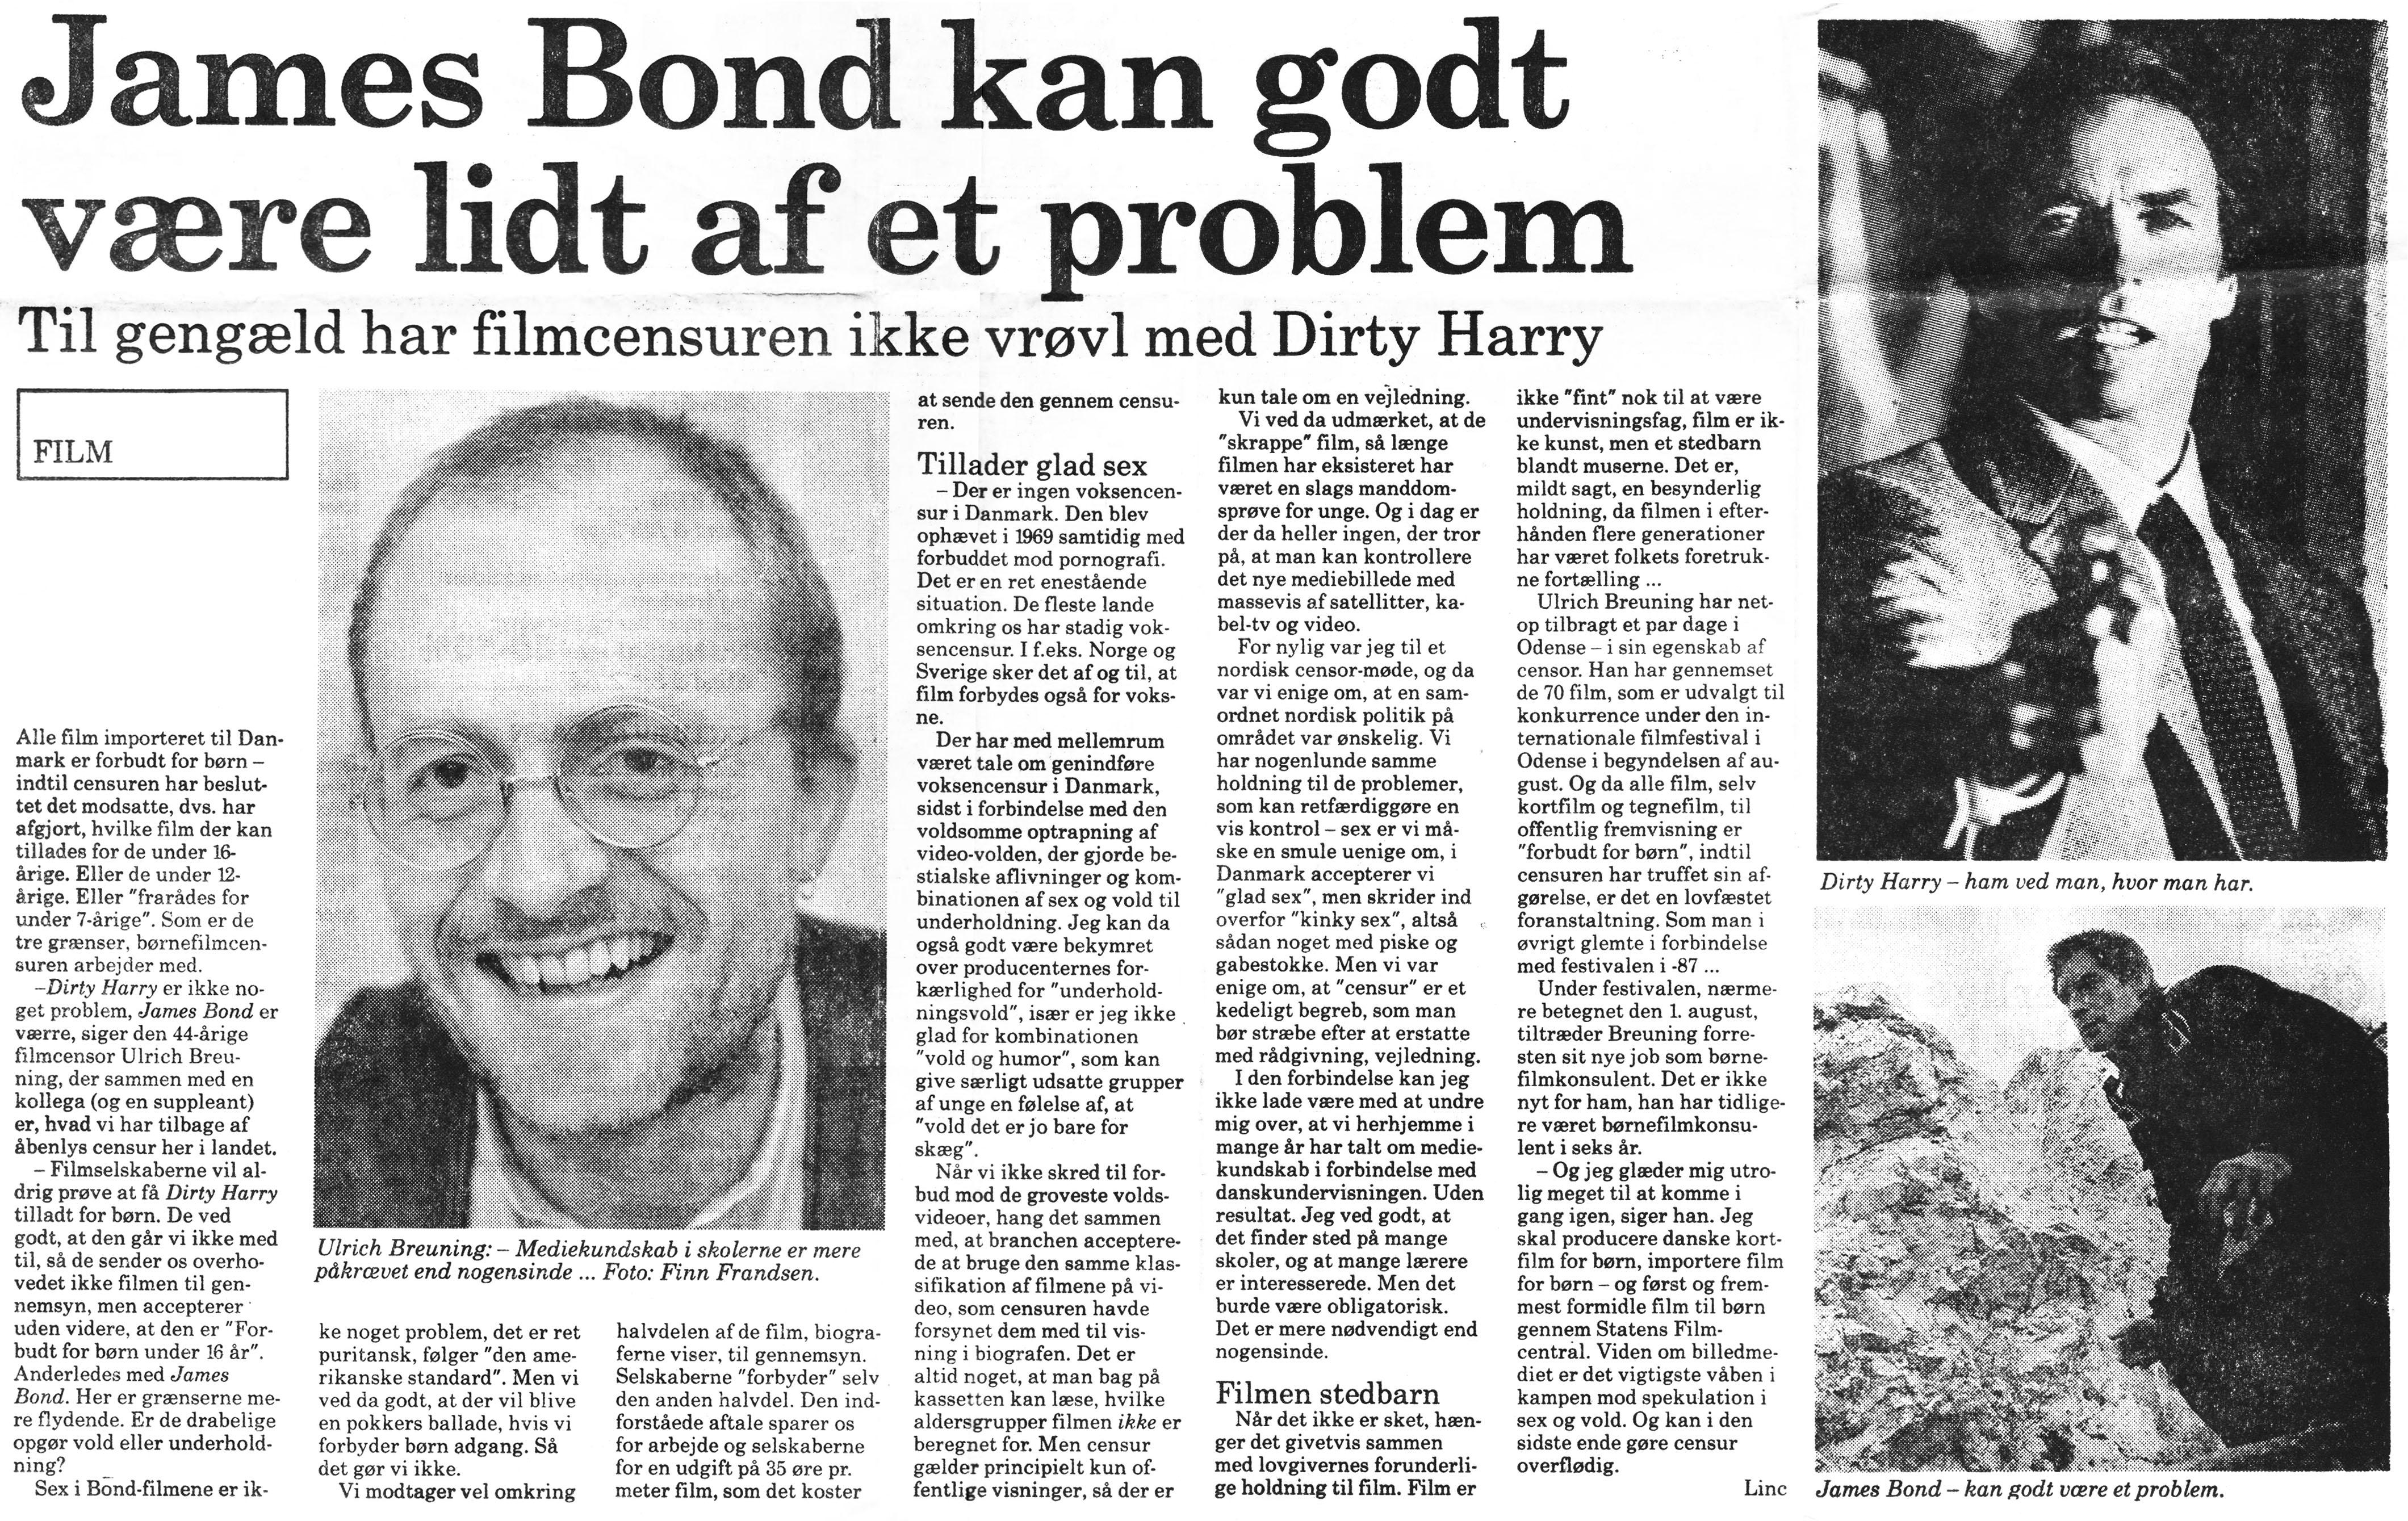 LTK filmcensur FS 1989